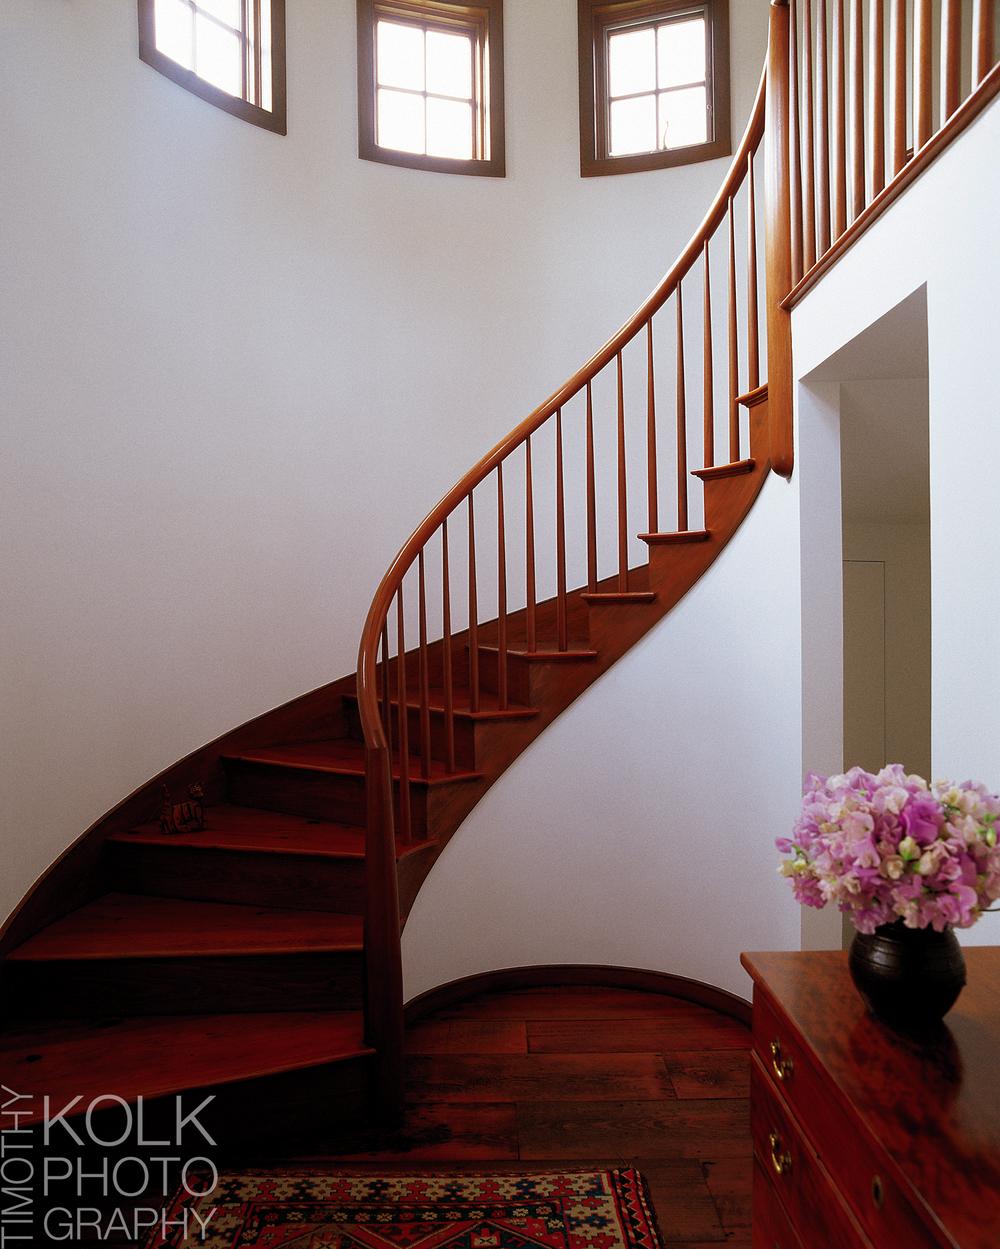 pai_staircase.jpg